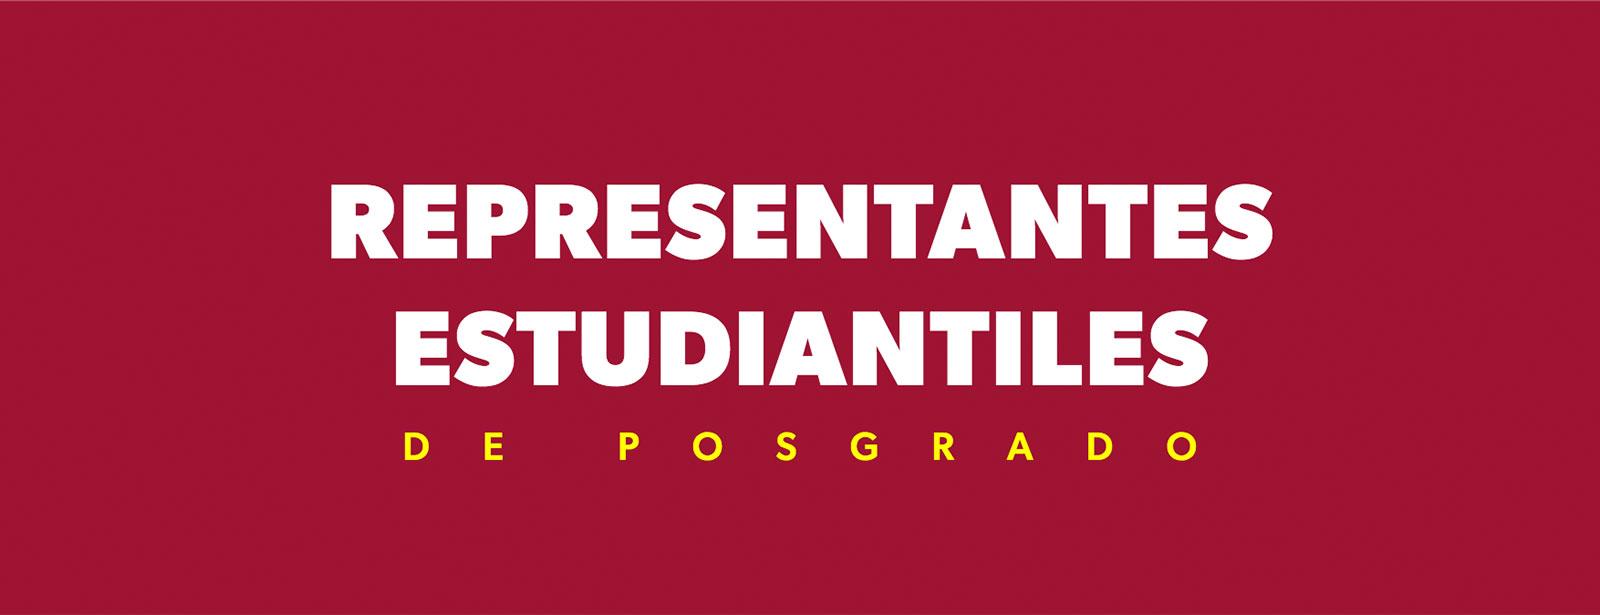 Representantes Estudiantiles de Posgrado de la Universidad de los Andes